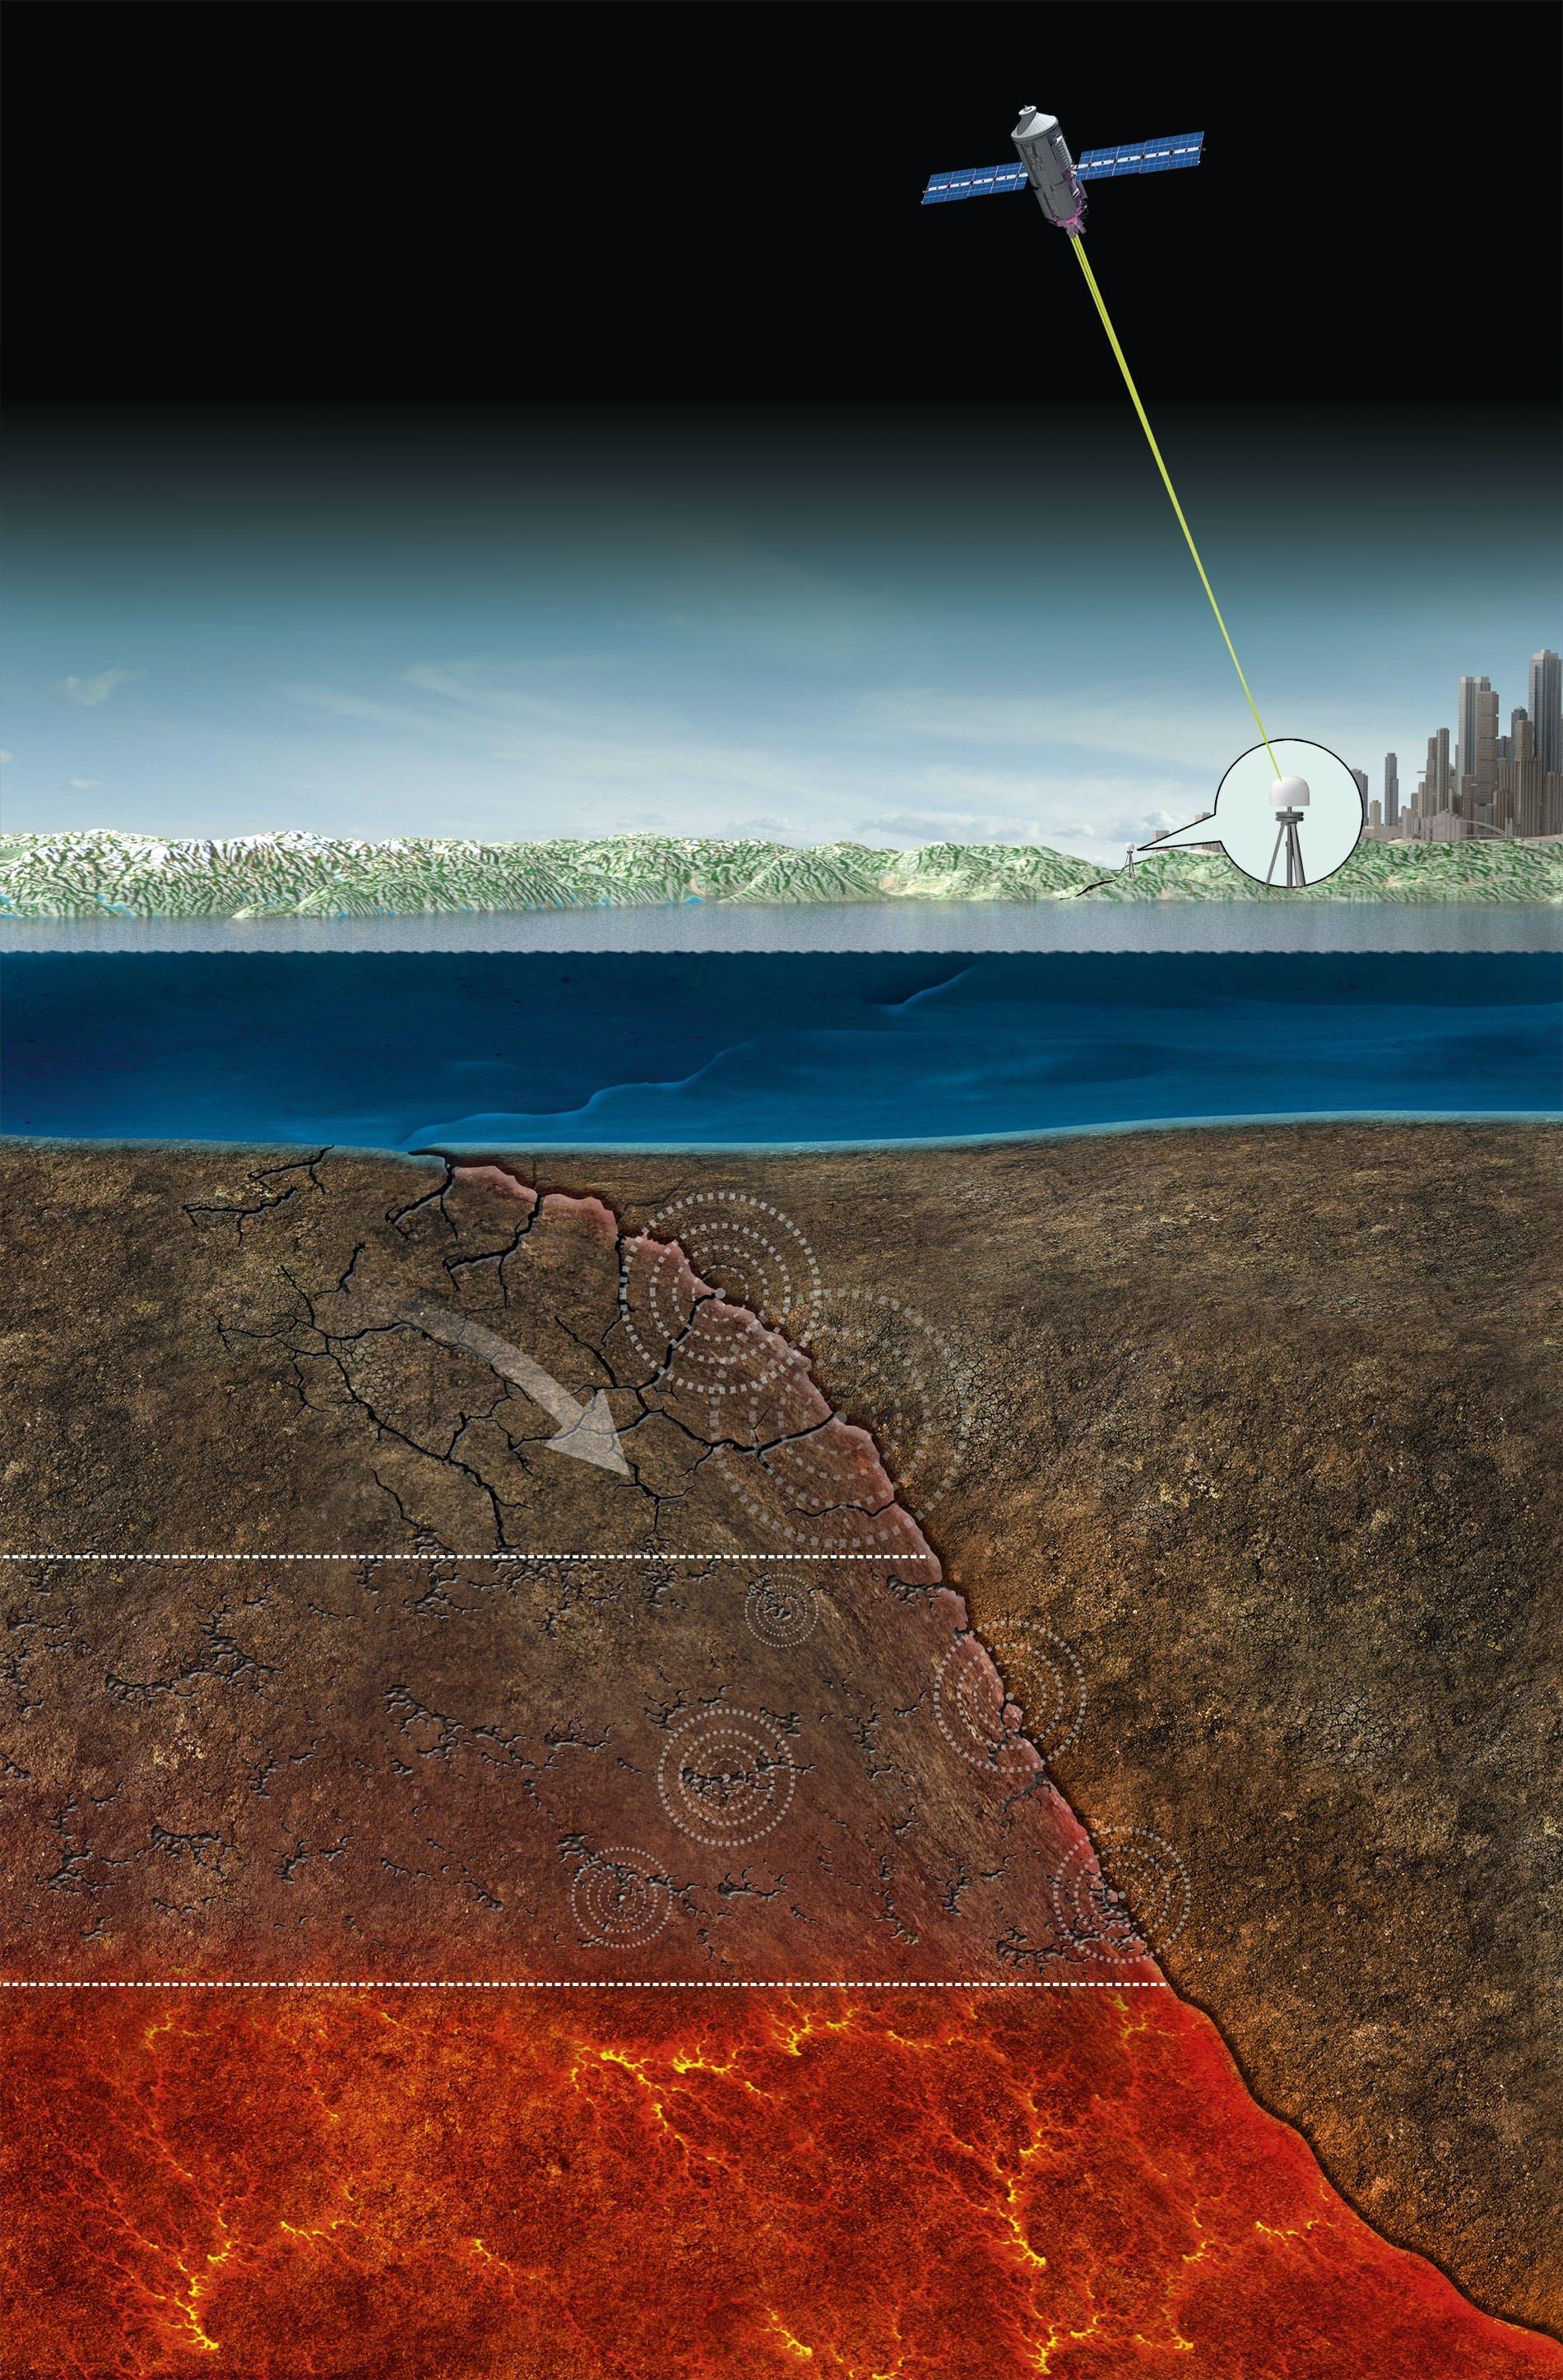 Gps-satelliet kan reuzenaardbeving aankondigen